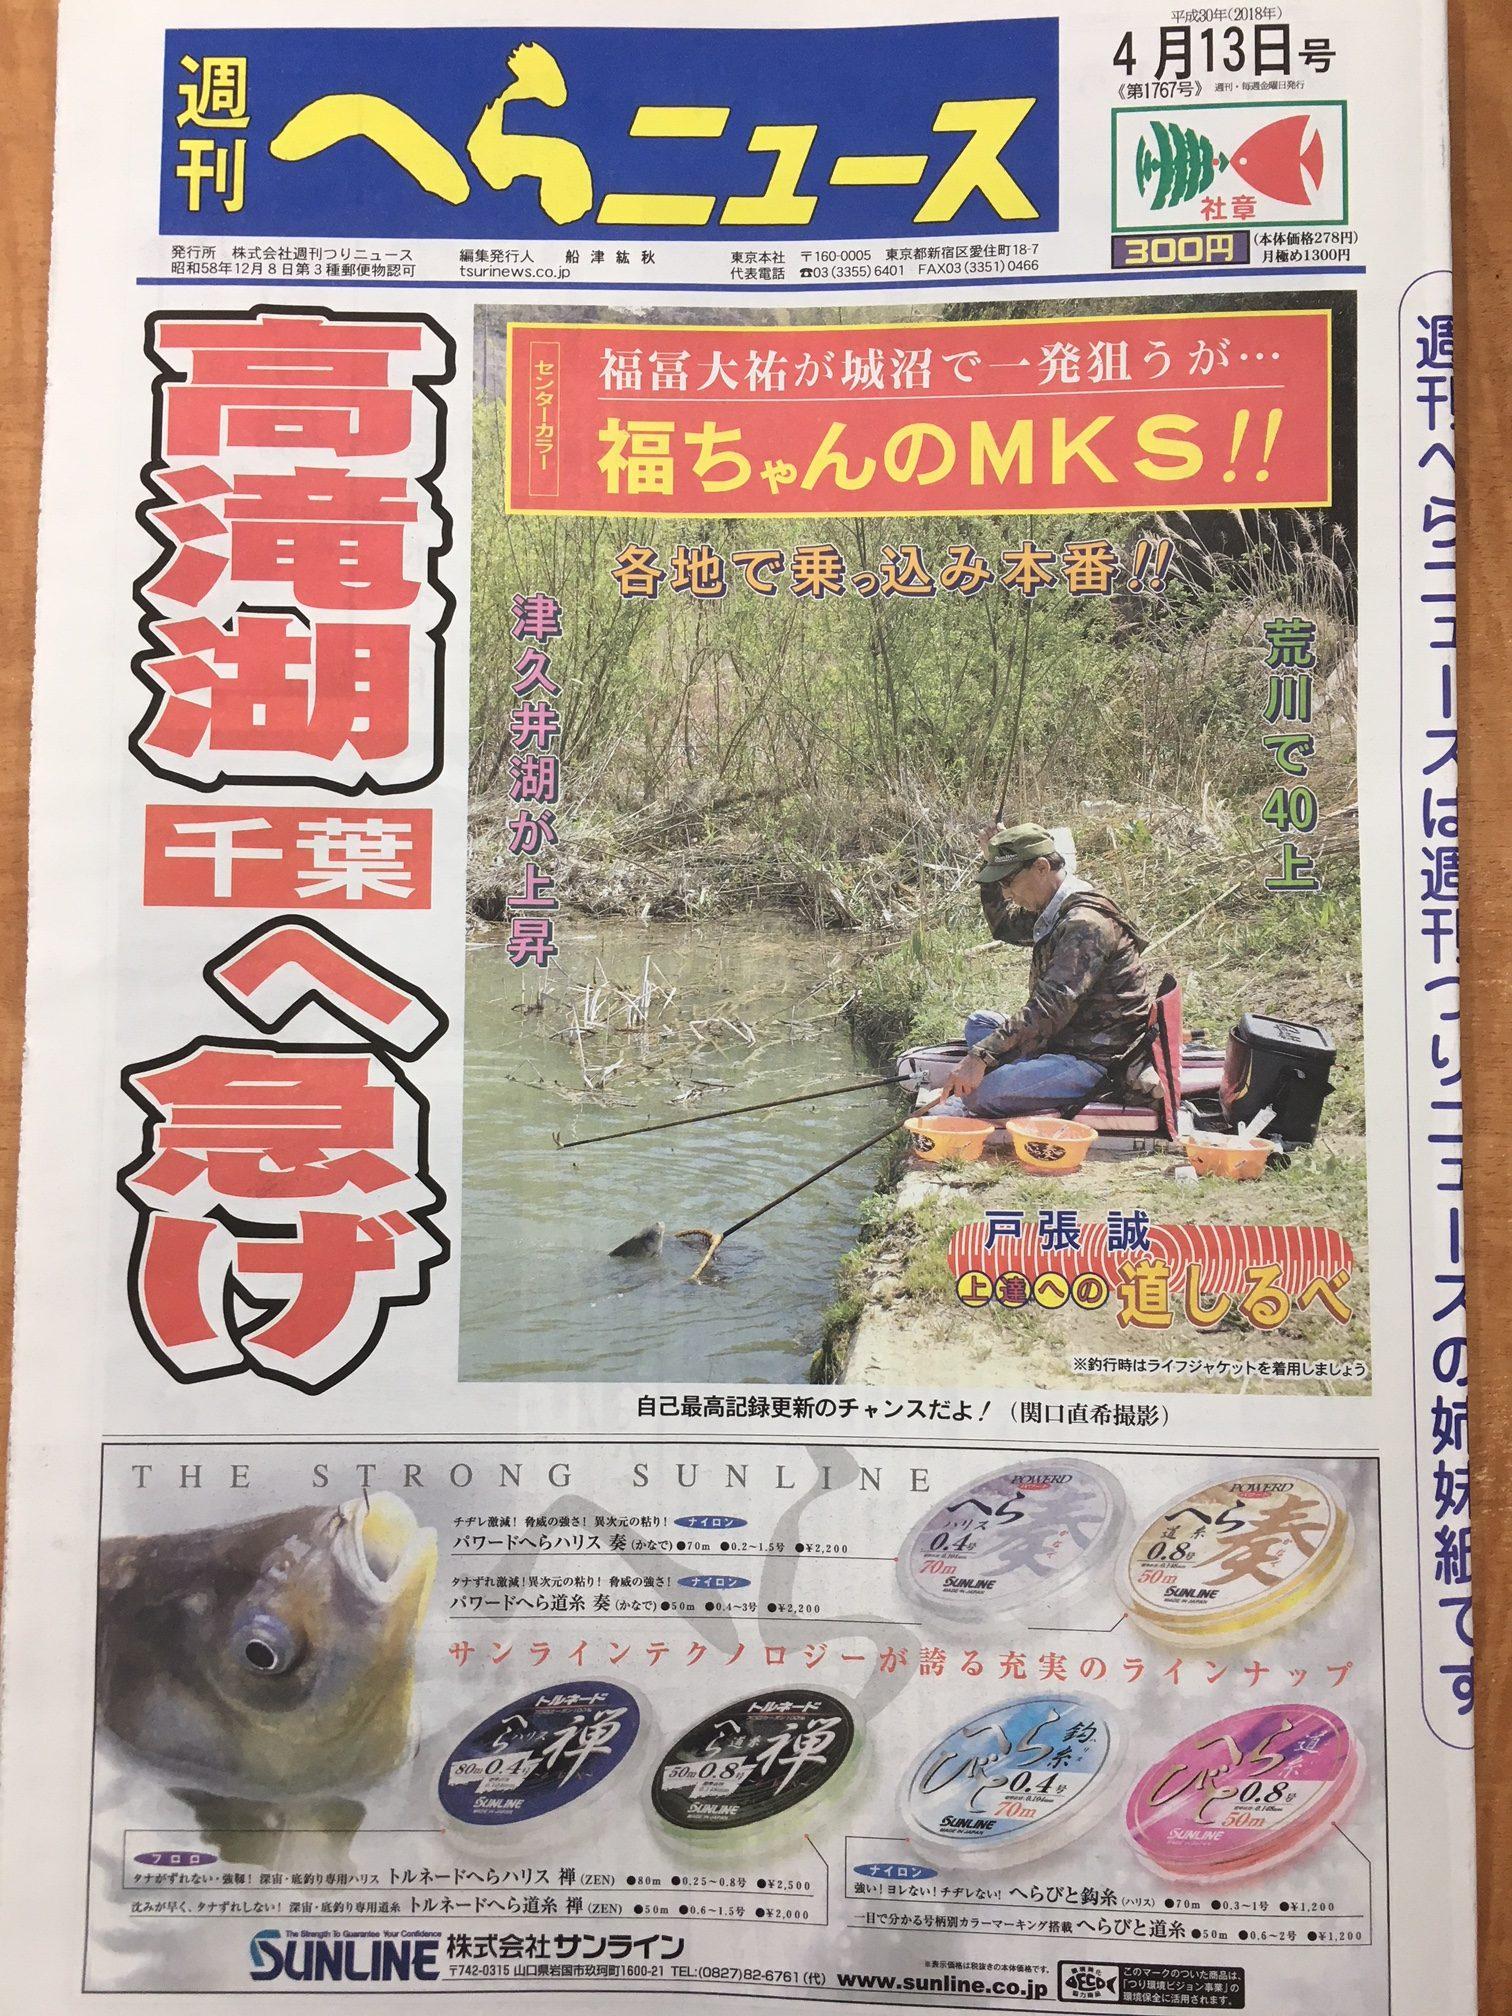 スタッフ千鮎掲載!週刊つりニュース『週刊へらニュース4月13日号』